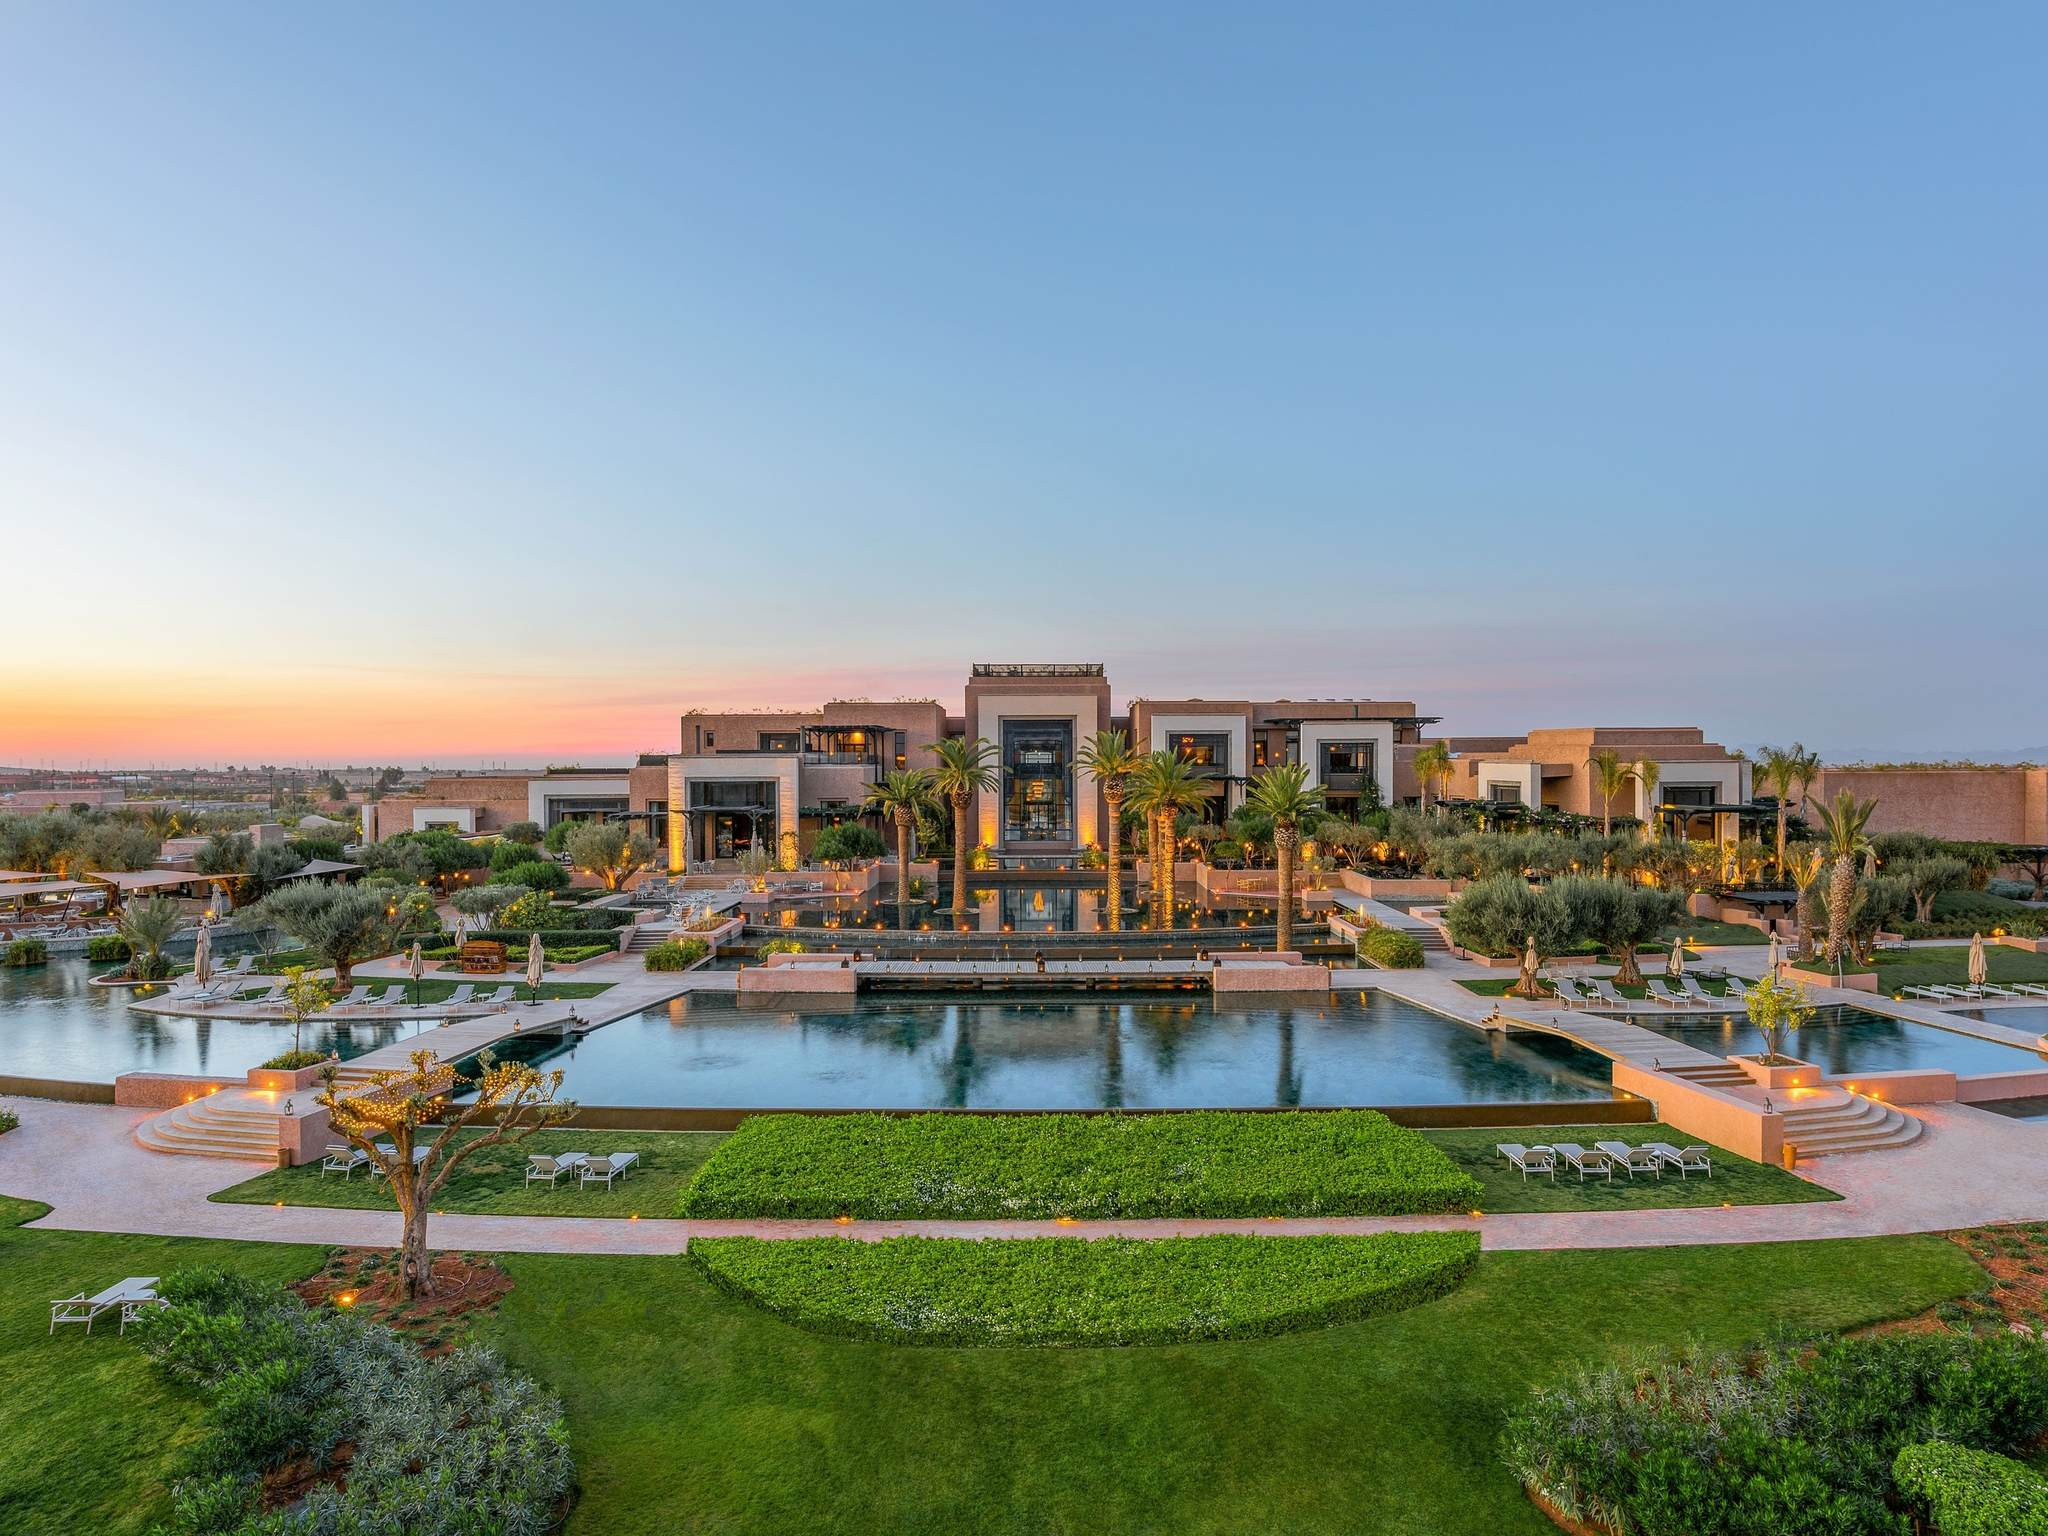 酒店 – 费尔蒙马拉喀什皇家棕榈酒店